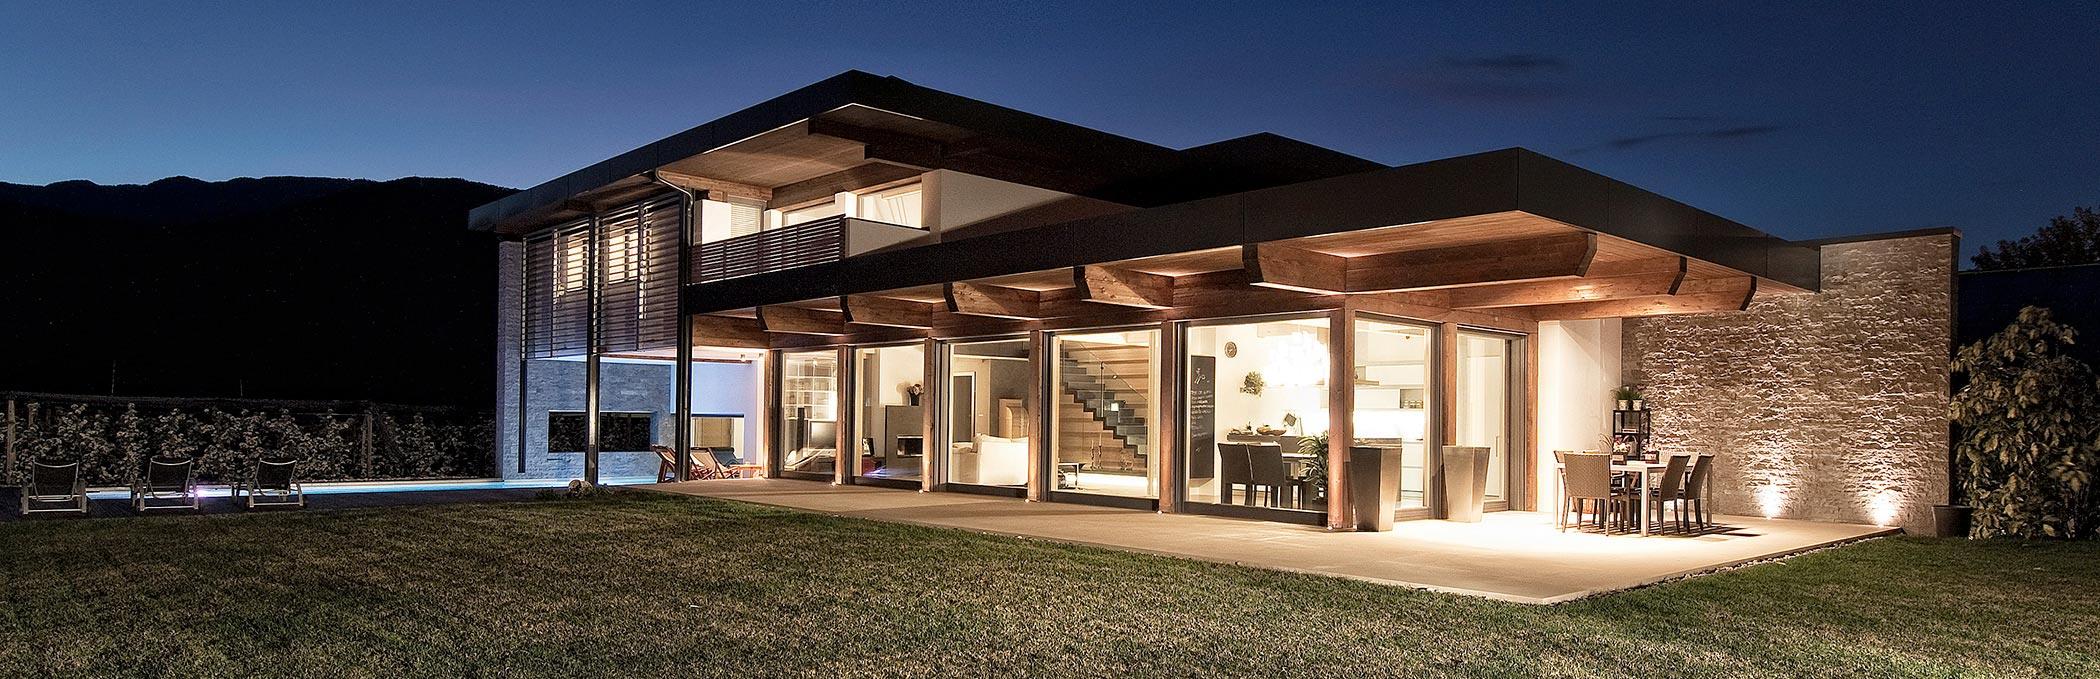 Casa di legno sostenibilit e risparmio bioecogeo - Costruire casa in economia ...